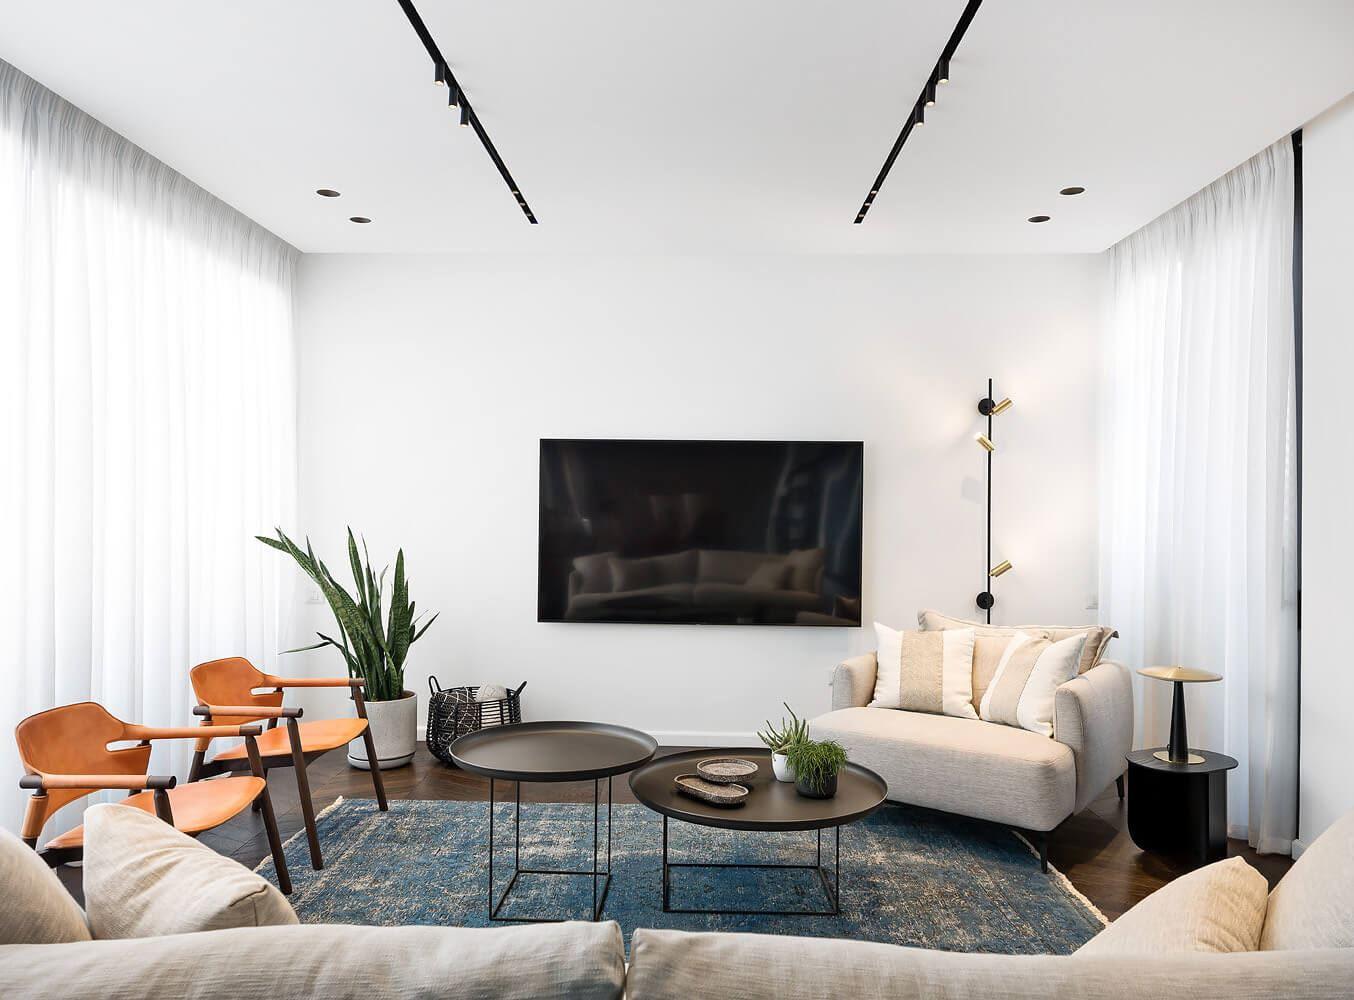 התקנת תאורה בסלון, פרויקט תאורה בבית בגבעתיים - DORI KIMHI